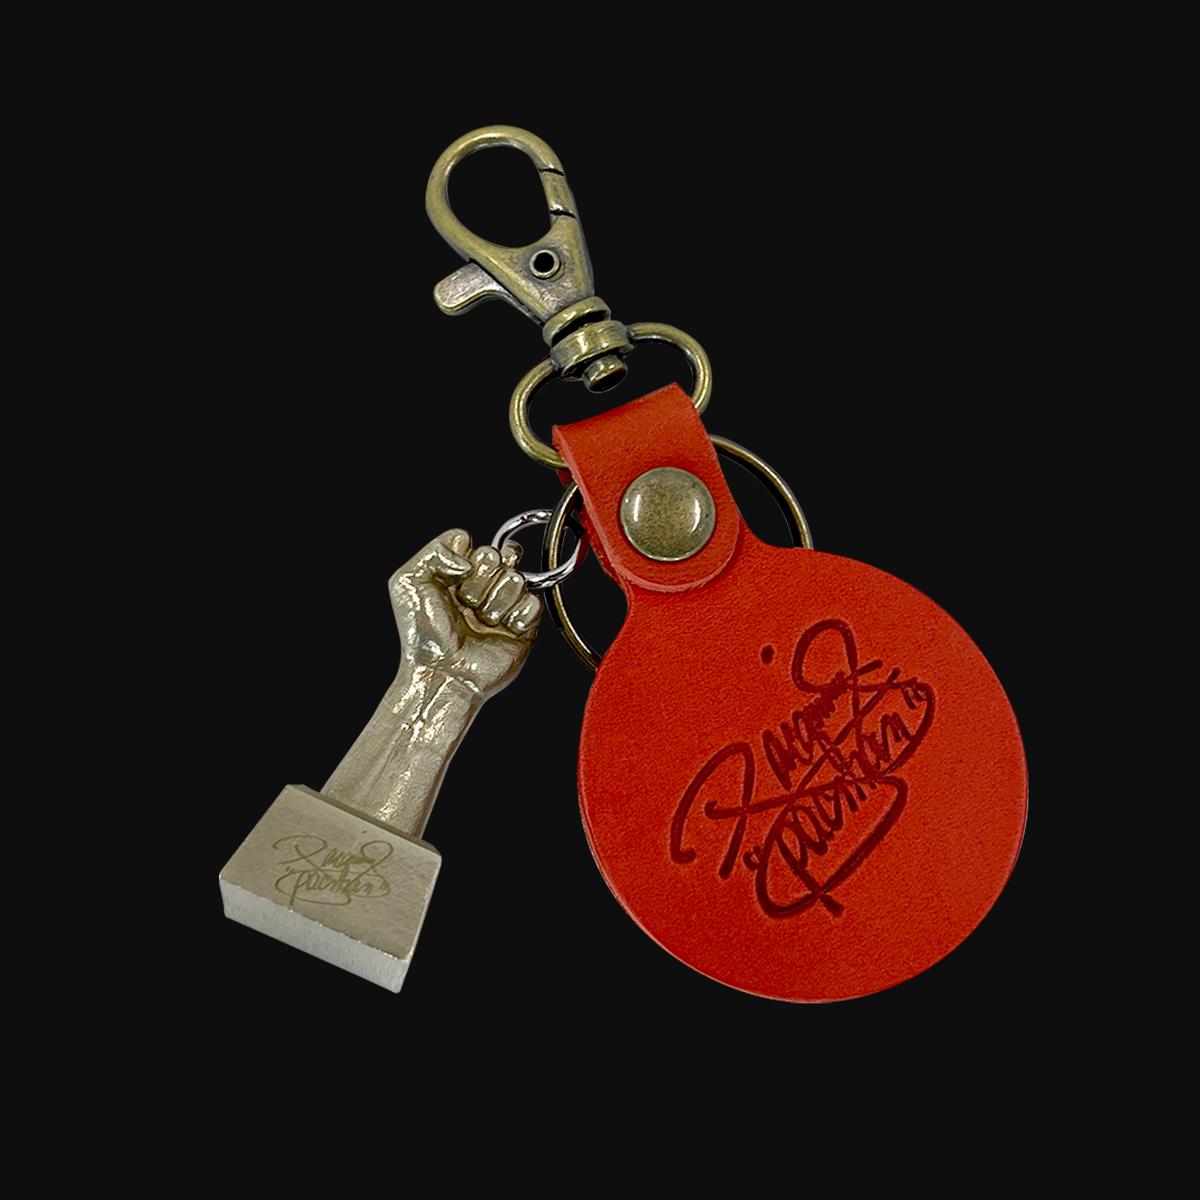 世界的ボクシングスター マニー 価格交渉OK送料無料 パッキャオ氏本人の拳を型取りし製作したキーホルダー パッキャオ ボクシング グッズ 開店記念セール キーホルダー 手形 fist ブロンズ製 男性 ring key かっこいい Pacquiao's